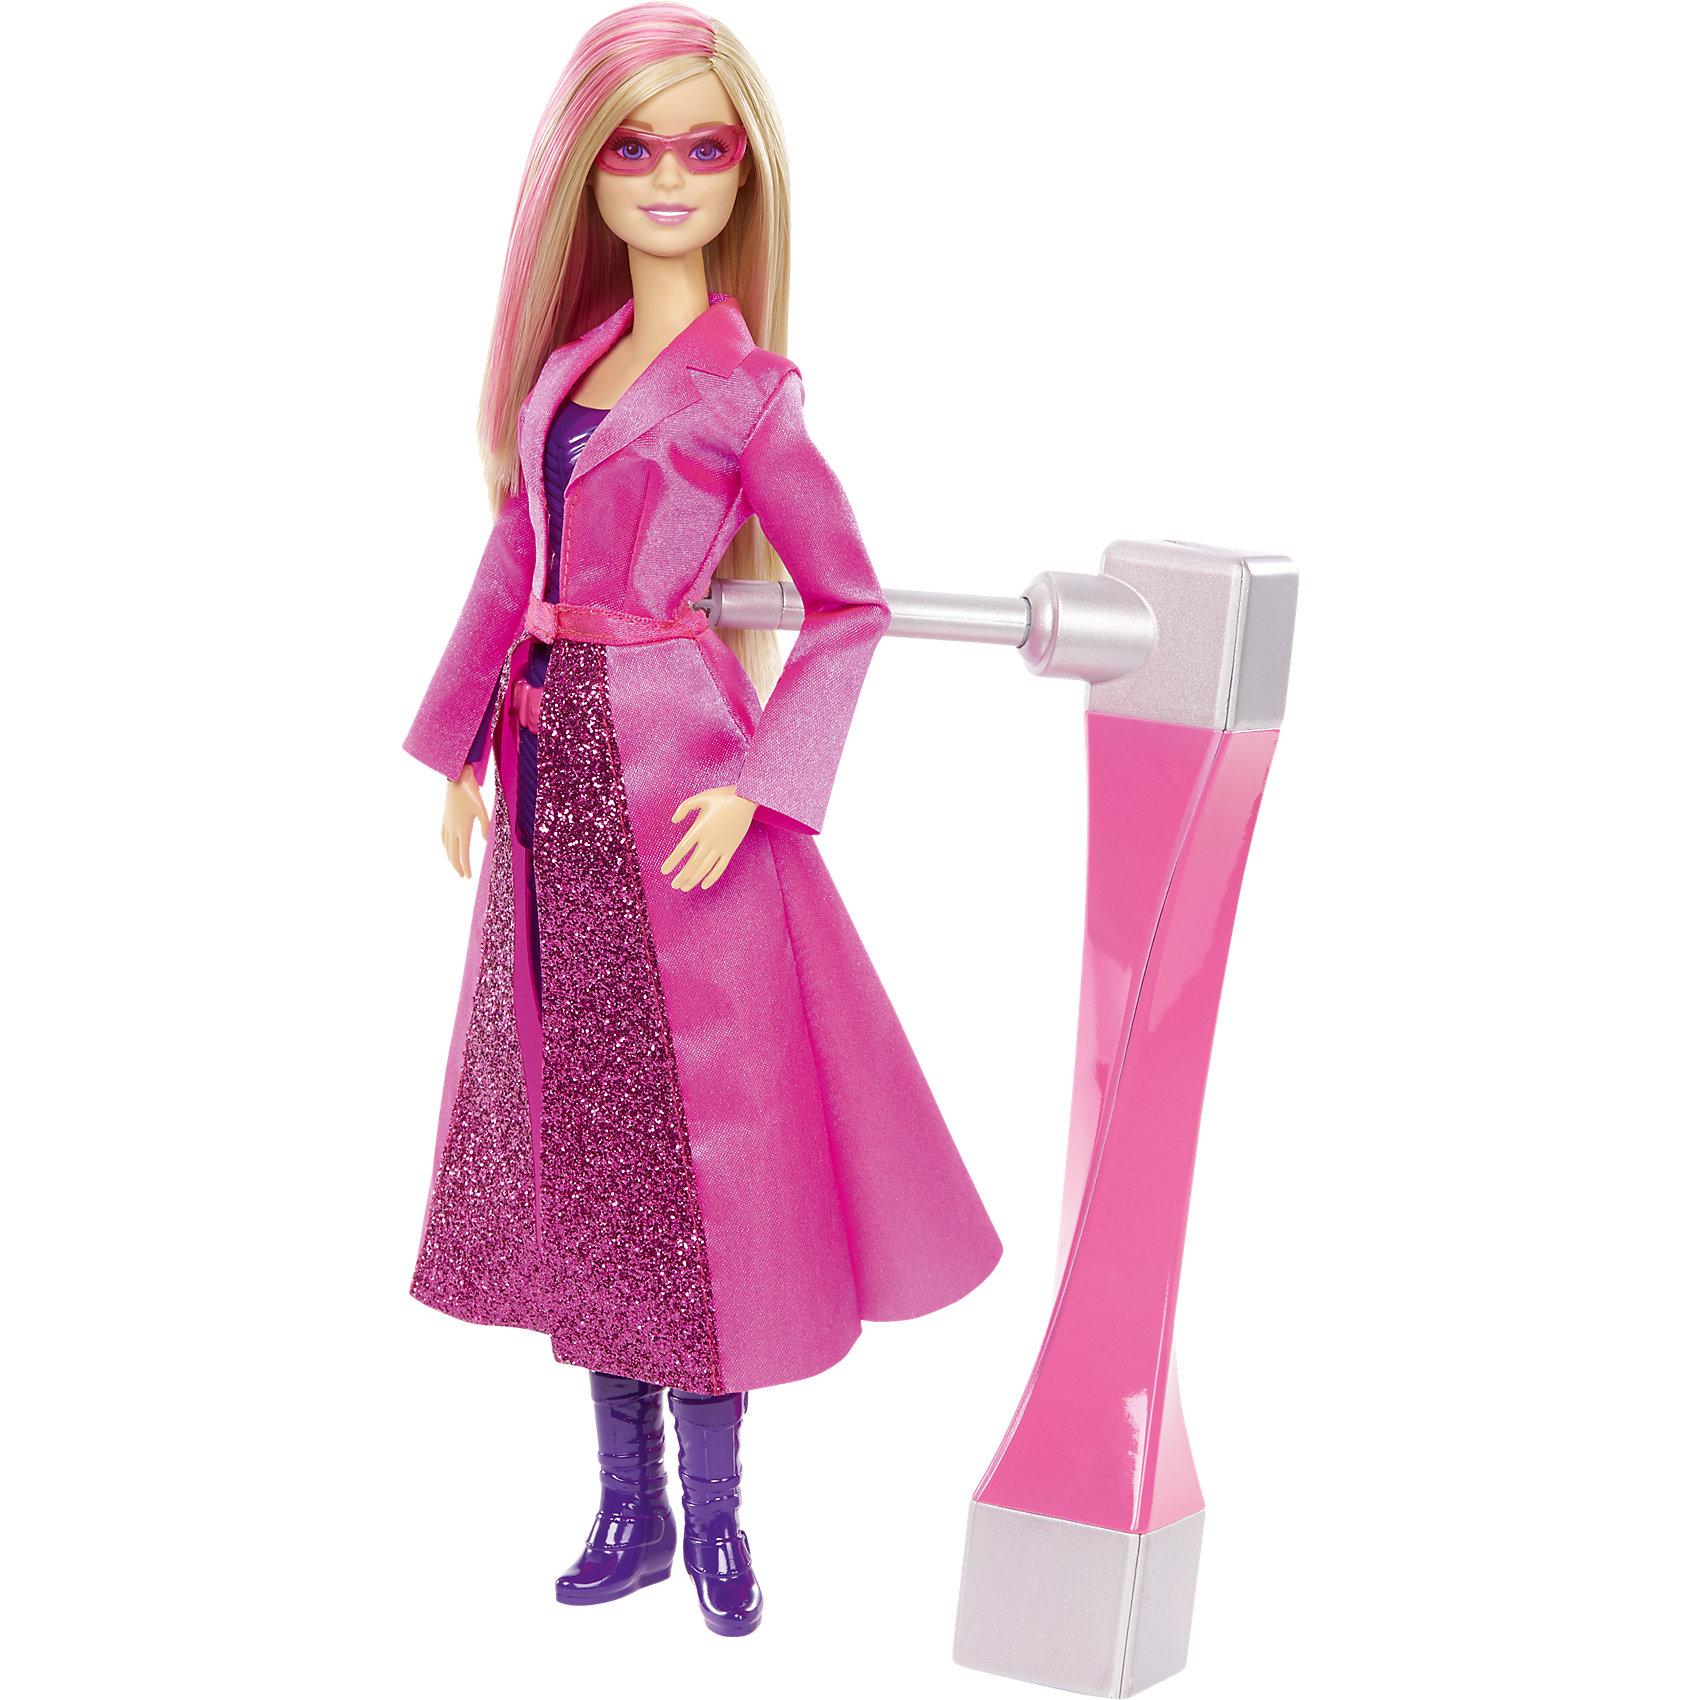 Кукла-секретный агент, BarbieСекретные агенты Barbie Spy Squad: пусть твоя кукла станет героем! В этом фильме гимнастку мирового класса Барби берут в секретные агенты вместе с подругами Терезой и Рене, и отважная троица объезжает весь мир в погоне за знаменитой взломщицей, Кэт Бурглар. Барби одета в обтягивающее пурпурное боди с поясом спец-агента, искристо-розовый плащ и розовые солнечные очки. Вставь шпионское устройство в отверстие на спине куклы и крути: Барби сделает «колесо», с которым можно не только выиграть любое соревнование, но и сбить с ног врага, а если повернуть устройство, Барби сможет делать еще и сальто! Удастся ли поймать Кэт - решать тебе! Собери всех кукол серии (продаются отдельно) и придумай свои невероятные истории! <br><br>Дополнительная информация:<br><br>- Материал: пластик, текстиль.<br>- Размер куклы: 29 см.<br>- Комплектация: кукла, аксессуары.<br>- Голова, руки, ноги куклы подвижные.<br><br>Кукла-секретного агента, Barbie (Барби), можно купить в нашем магазине.<br><br>Ширина мм: 328<br>Глубина мм: 231<br>Высота мм: 66<br>Вес г: 382<br>Возраст от месяцев: 36<br>Возраст до месяцев: 72<br>Пол: Женский<br>Возраст: Детский<br>SKU: 4349946